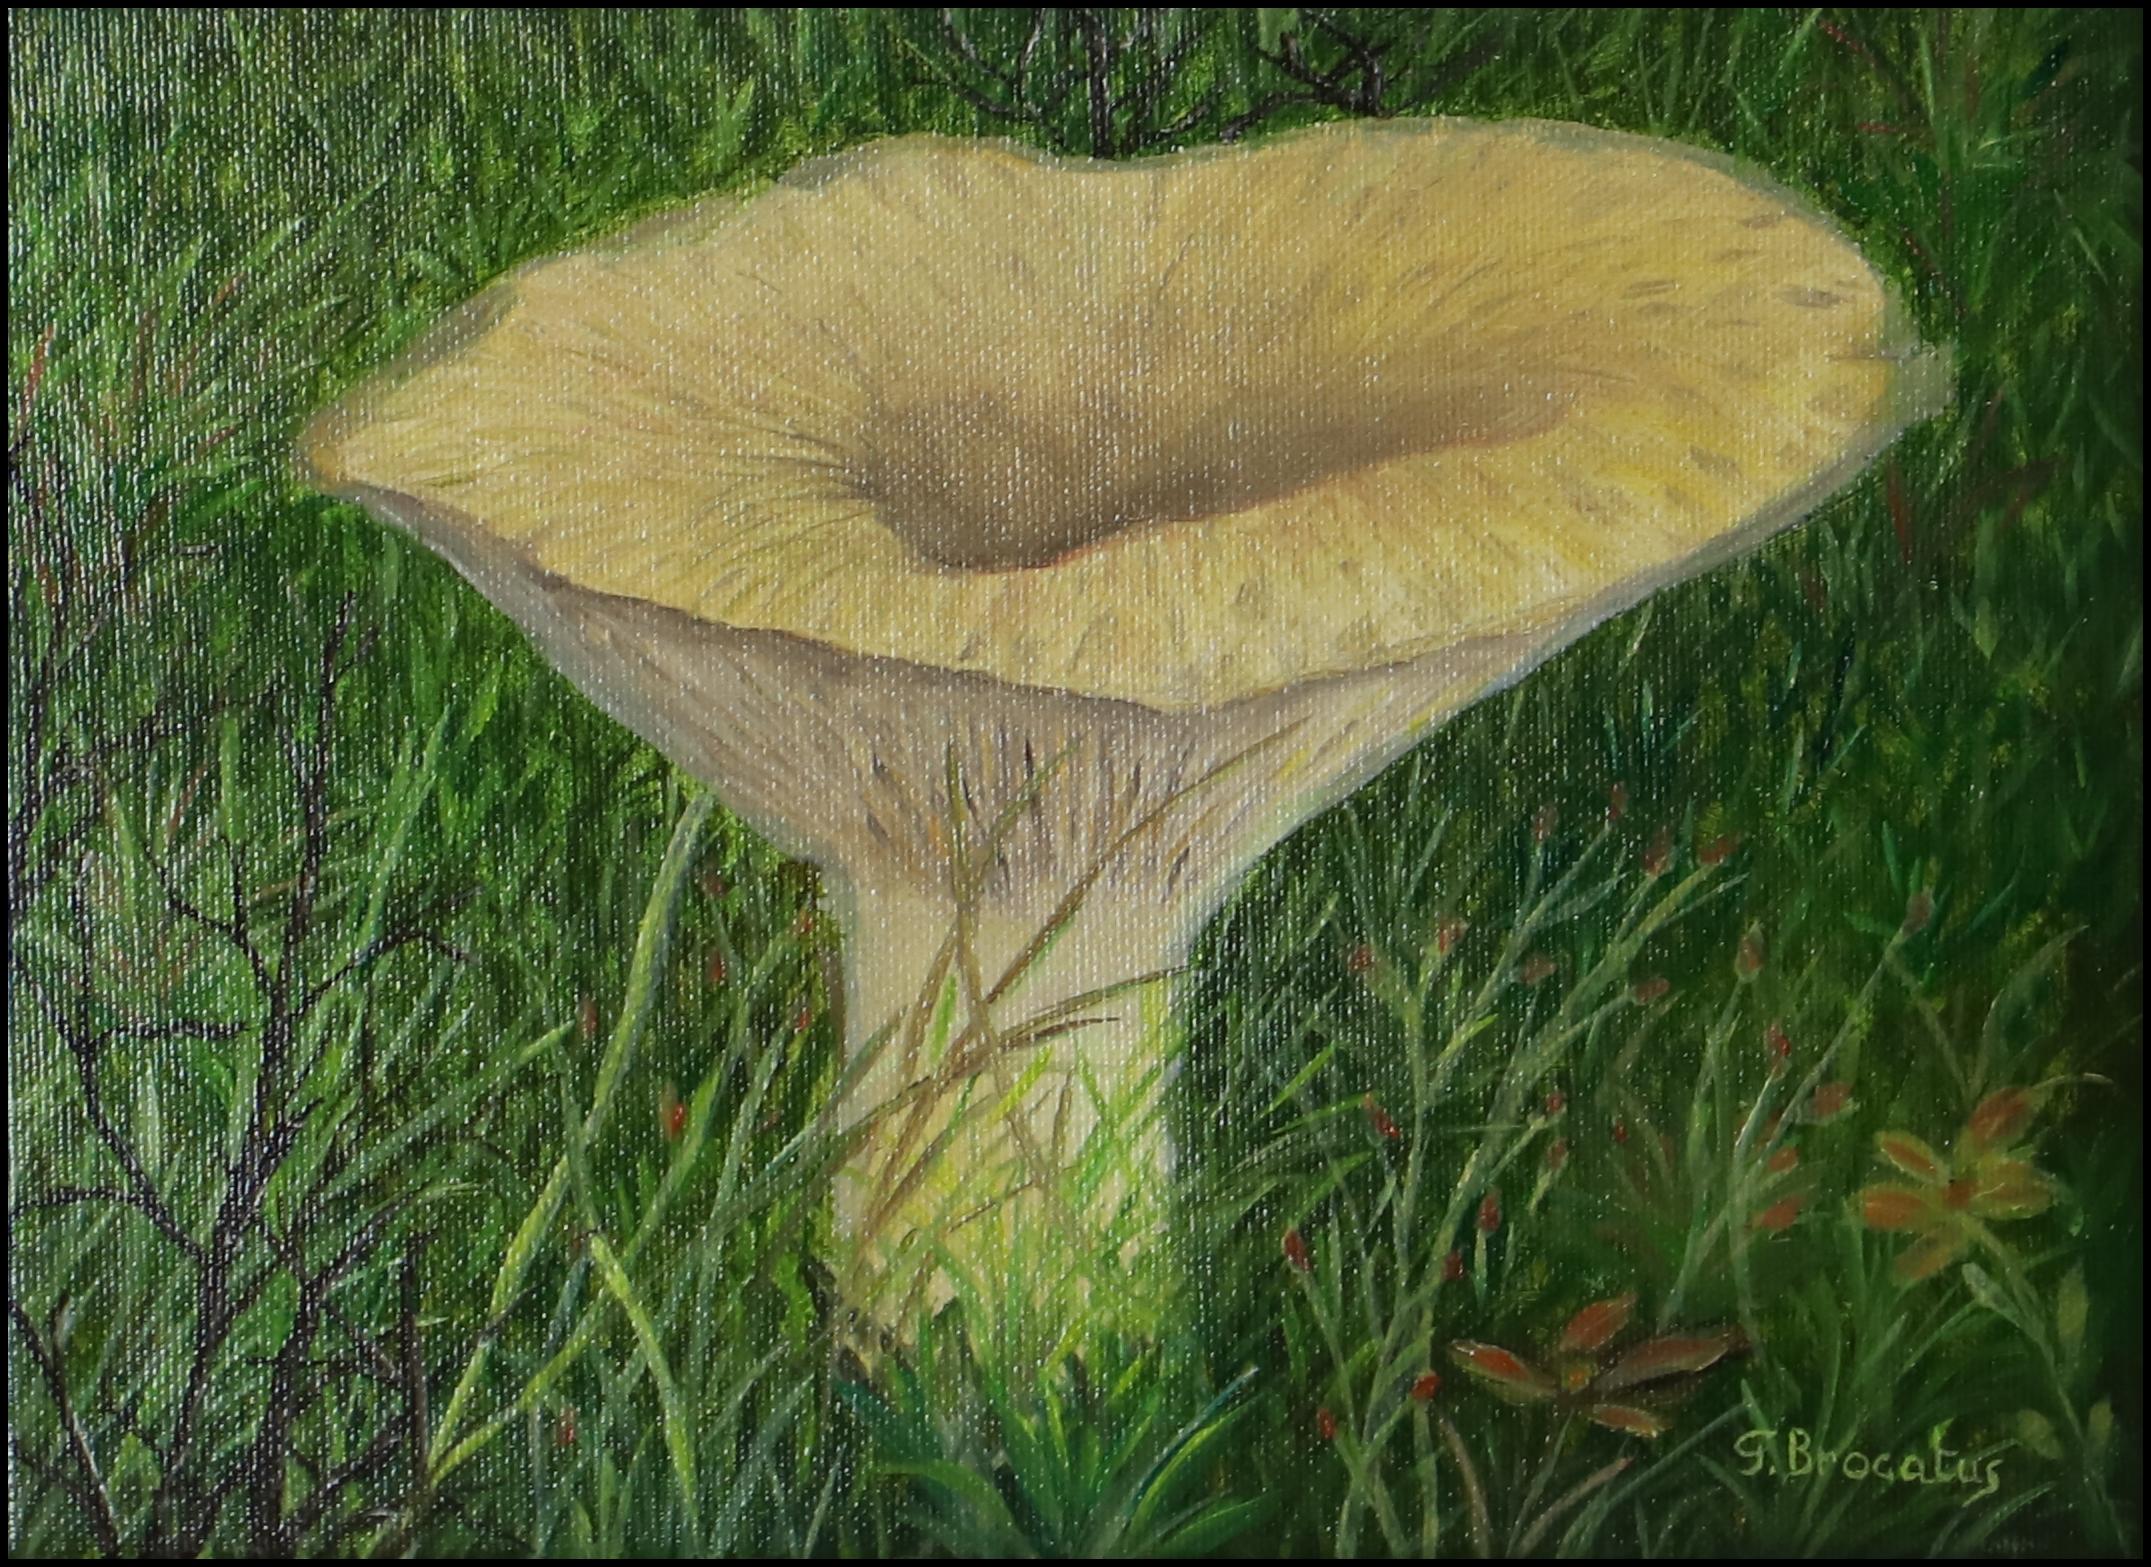 Bearded milk mushroom